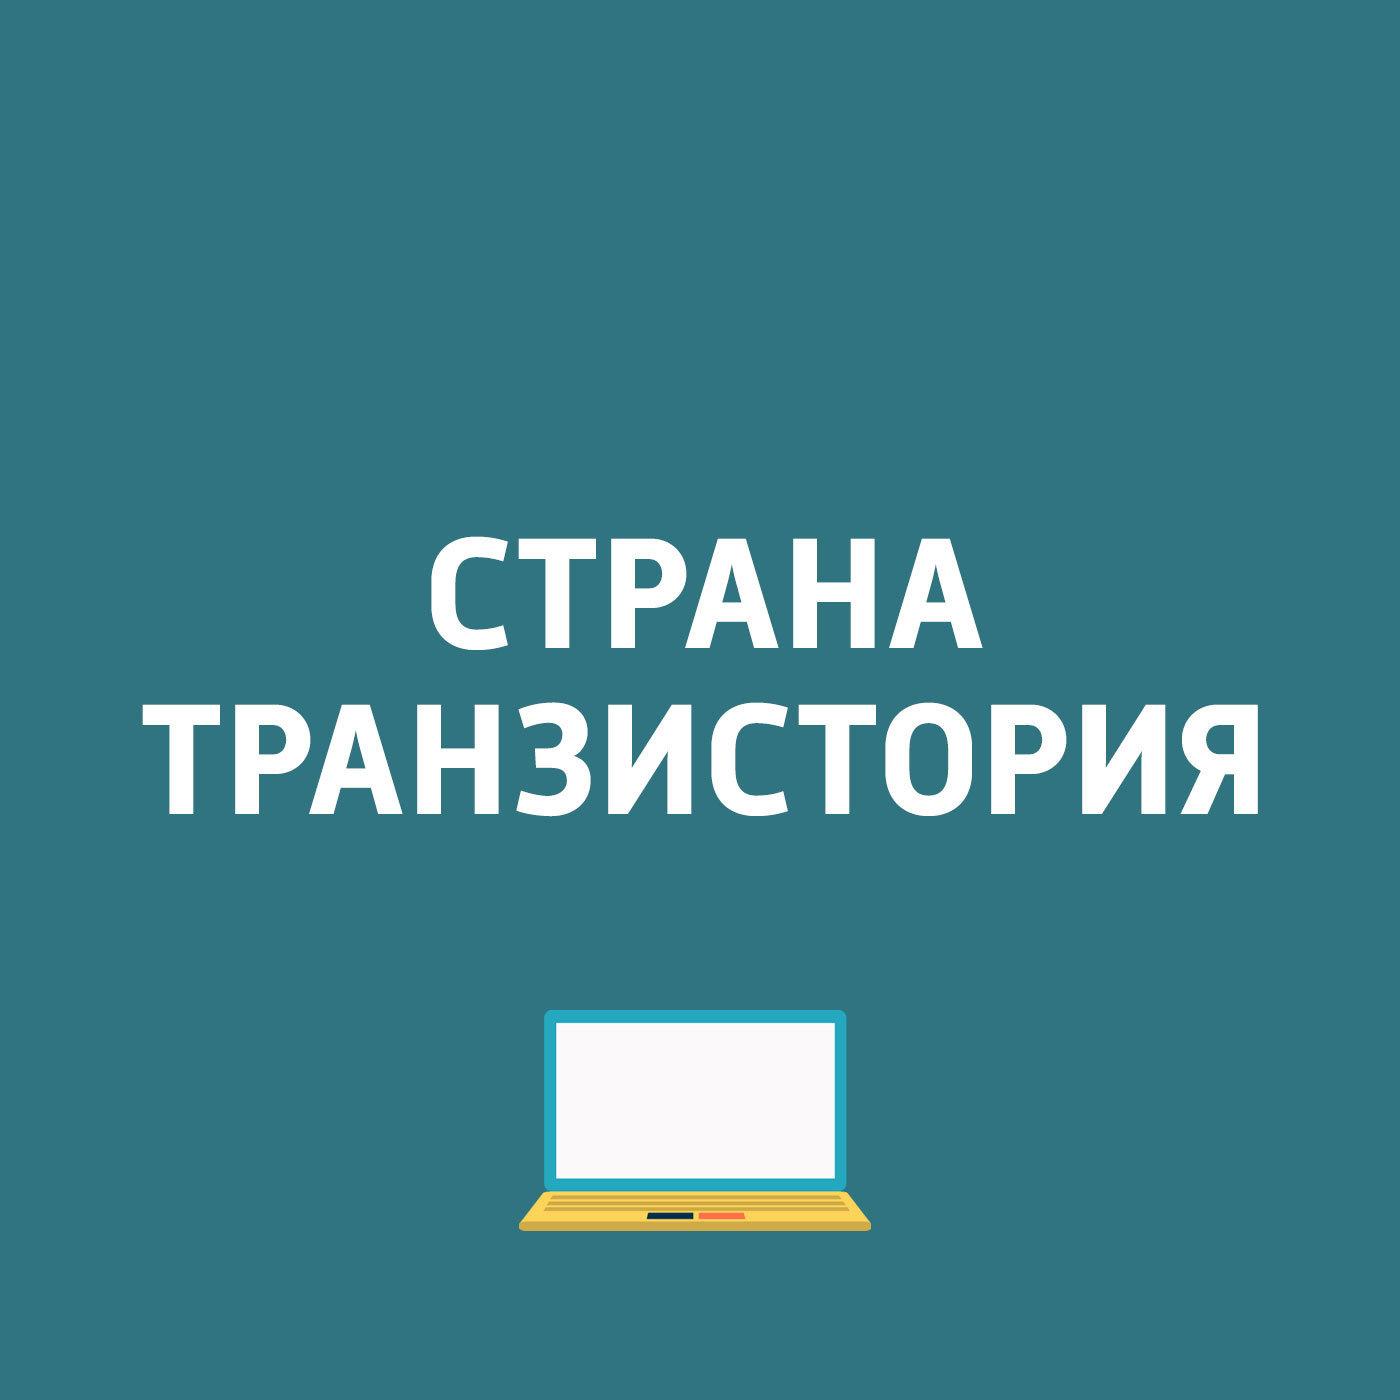 Фото - Картаев Павел Смартфон Oppo Find X; Голосовой помощник Alexa for Hospitality; Google выпустила приложение для прослушивания подкастов под Android mail ru group объявила о запуске нового мессенджера tamtam